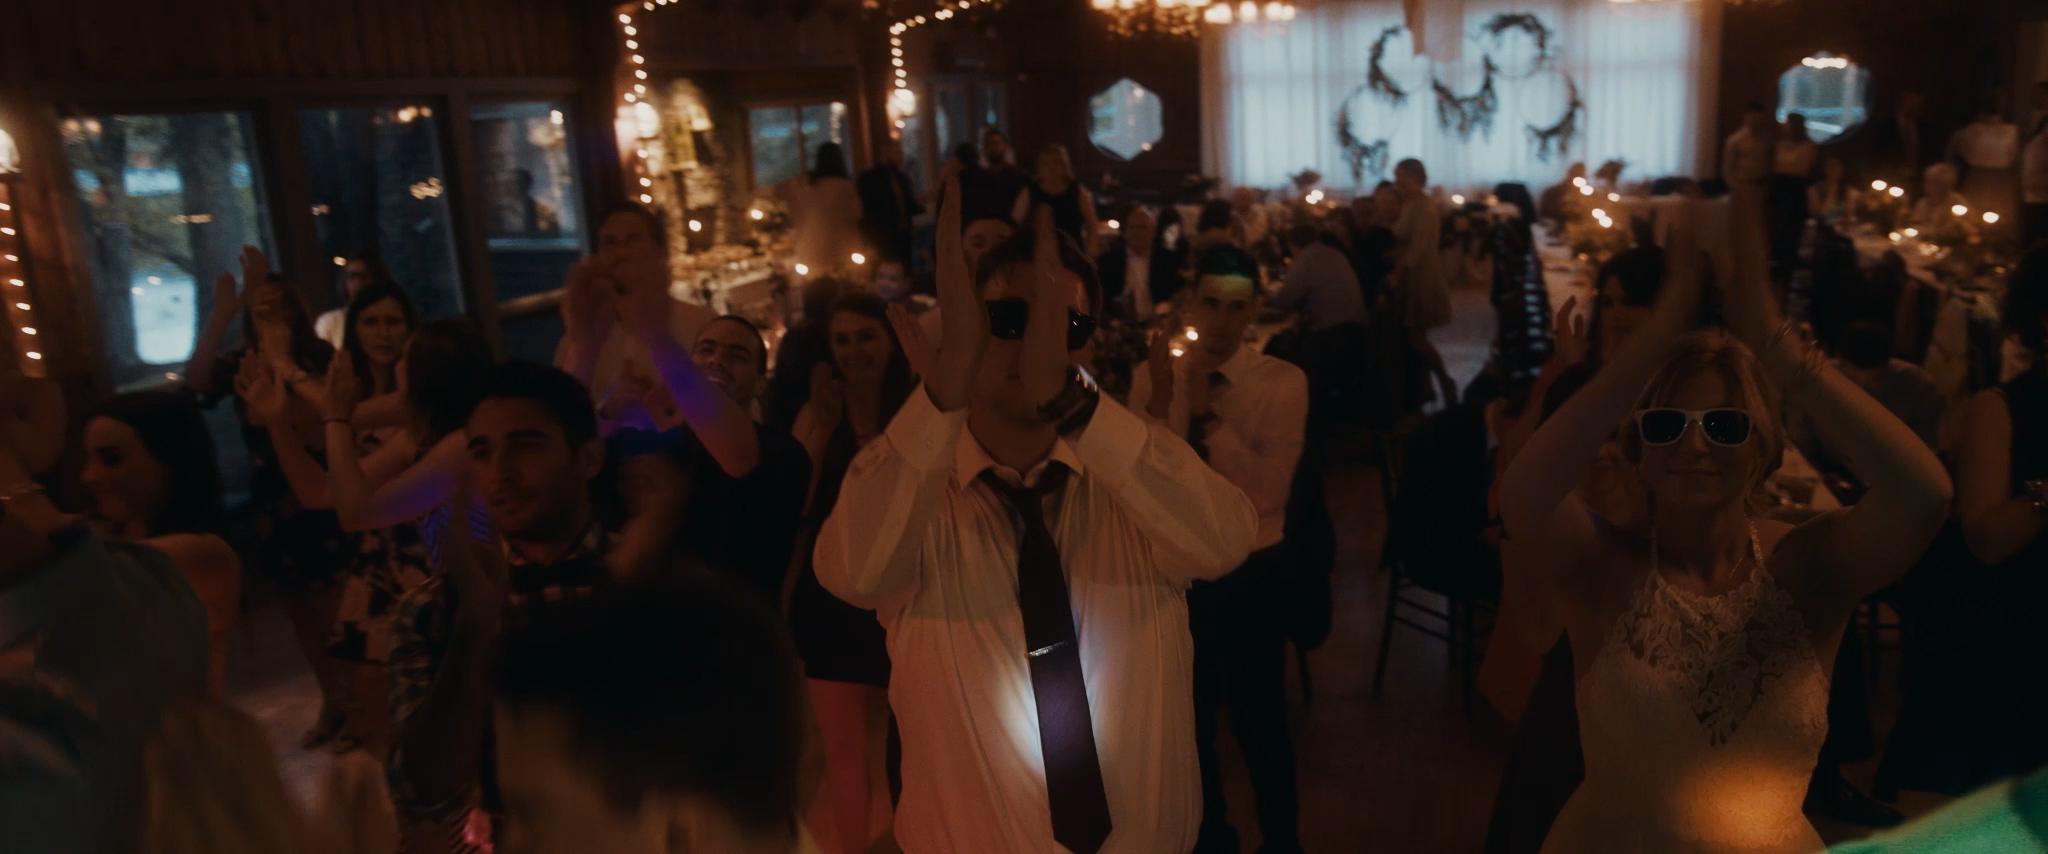 HAVENS_Wedding_Film.00_07_16_04.Still081.jpg